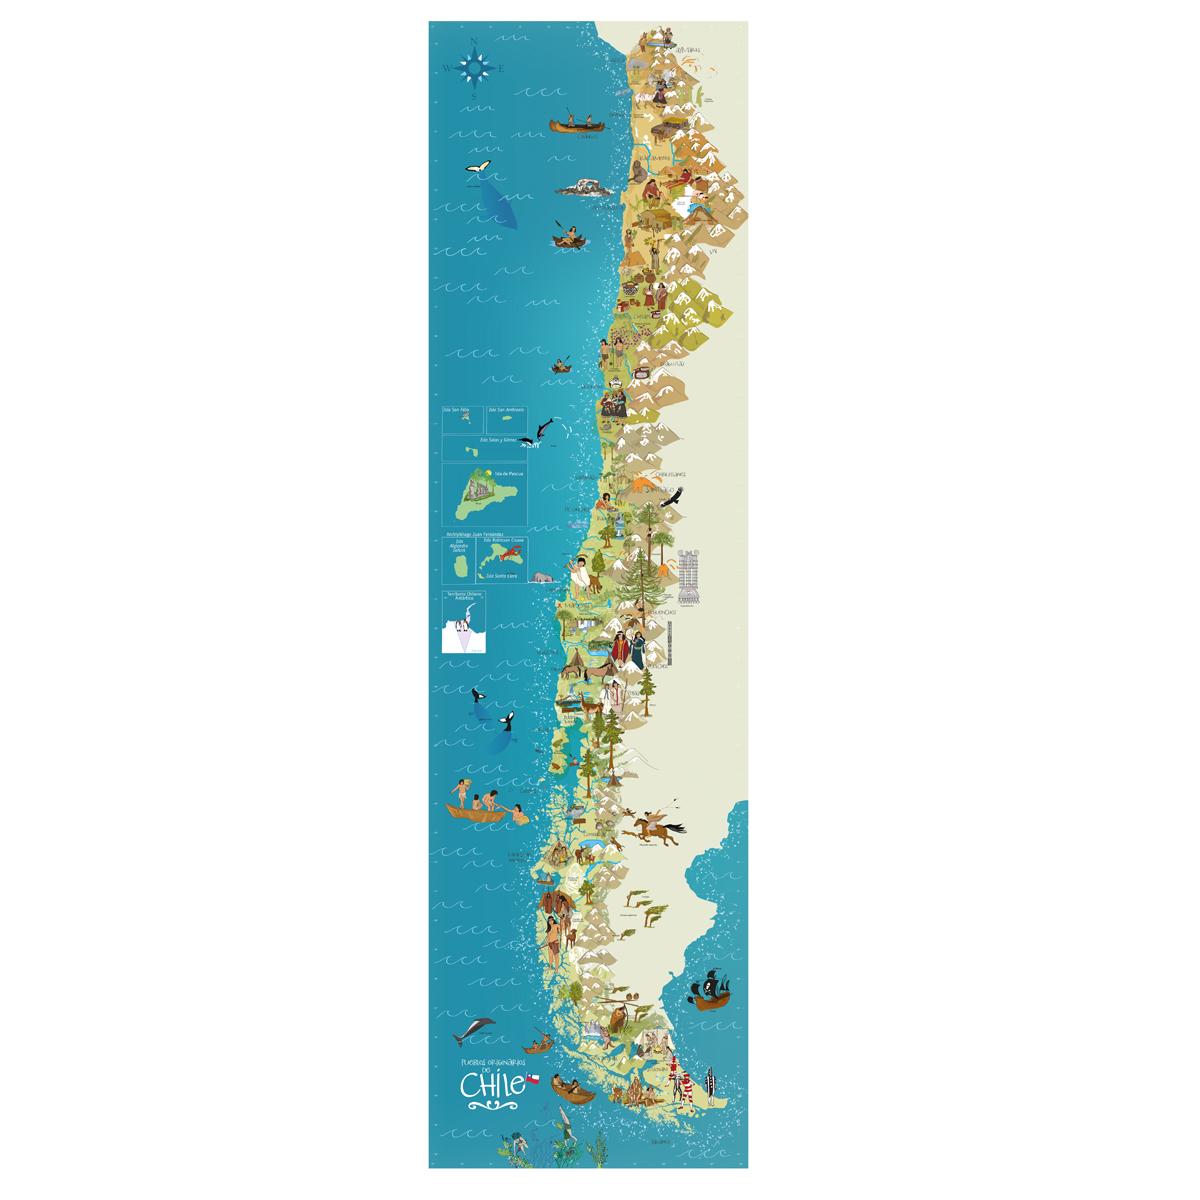 MAPA DE CHILE PUEBLOS ORIGINARIOS